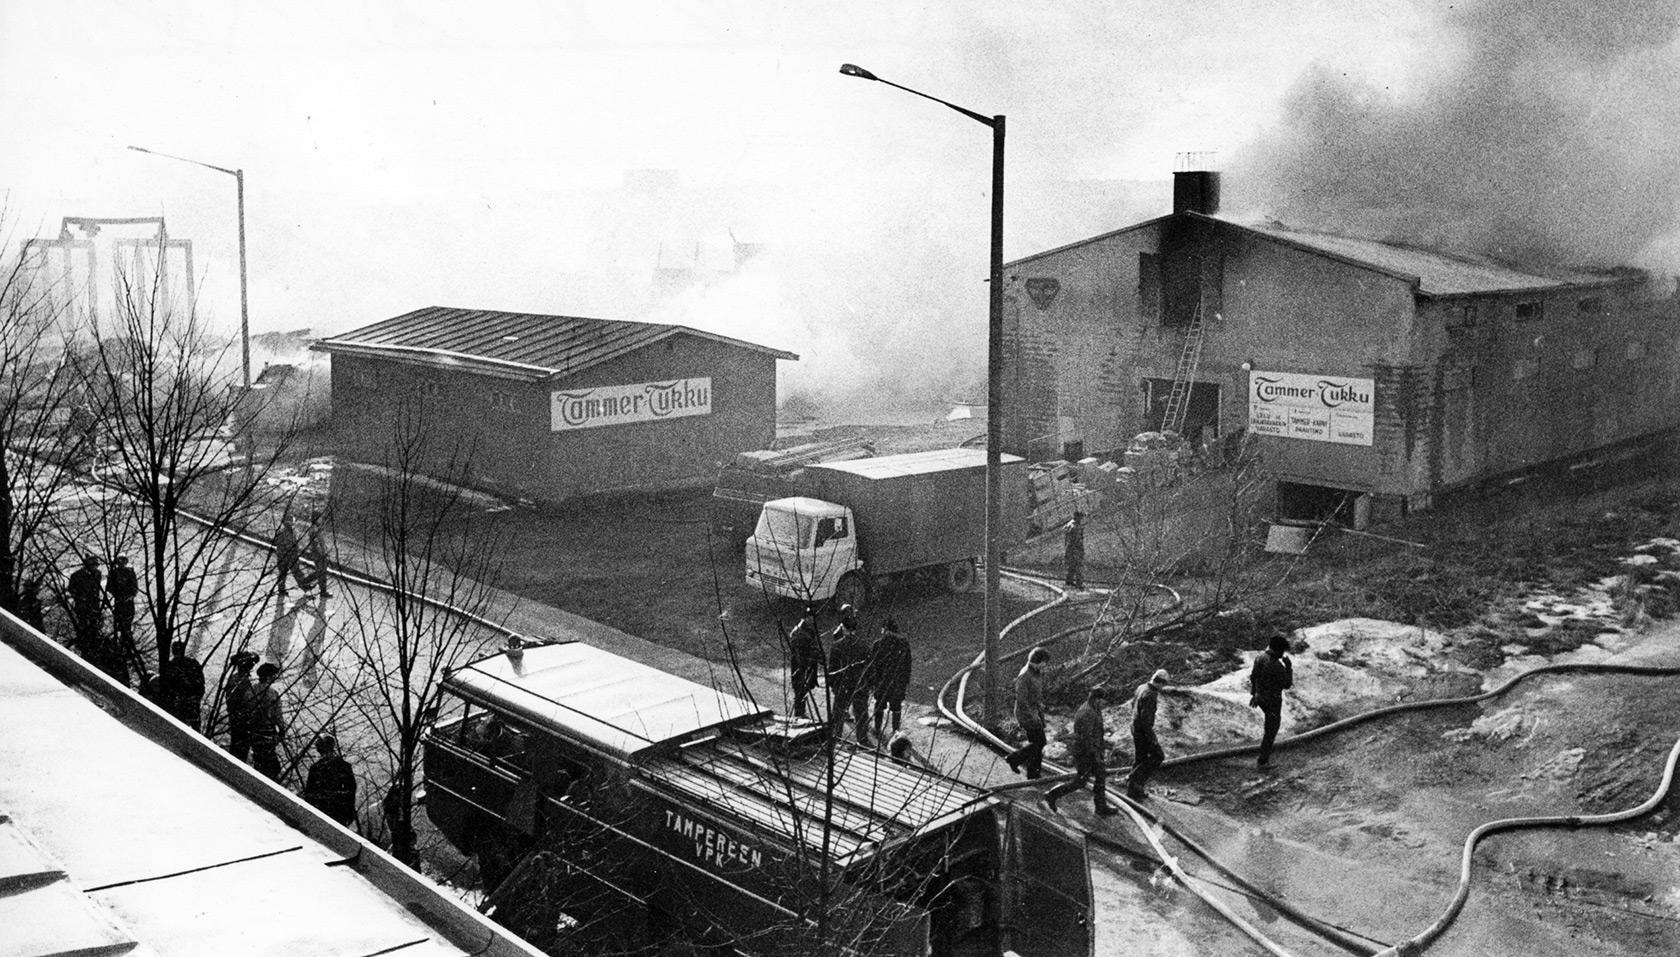 Tammer-Tukun pienempi varasto onnistuttiin suojelemaan. Rakennuksessa oli muun muassa ilotulitusraketteja, jotka heti alkuvaiheessa kuljetettiin turvaan.